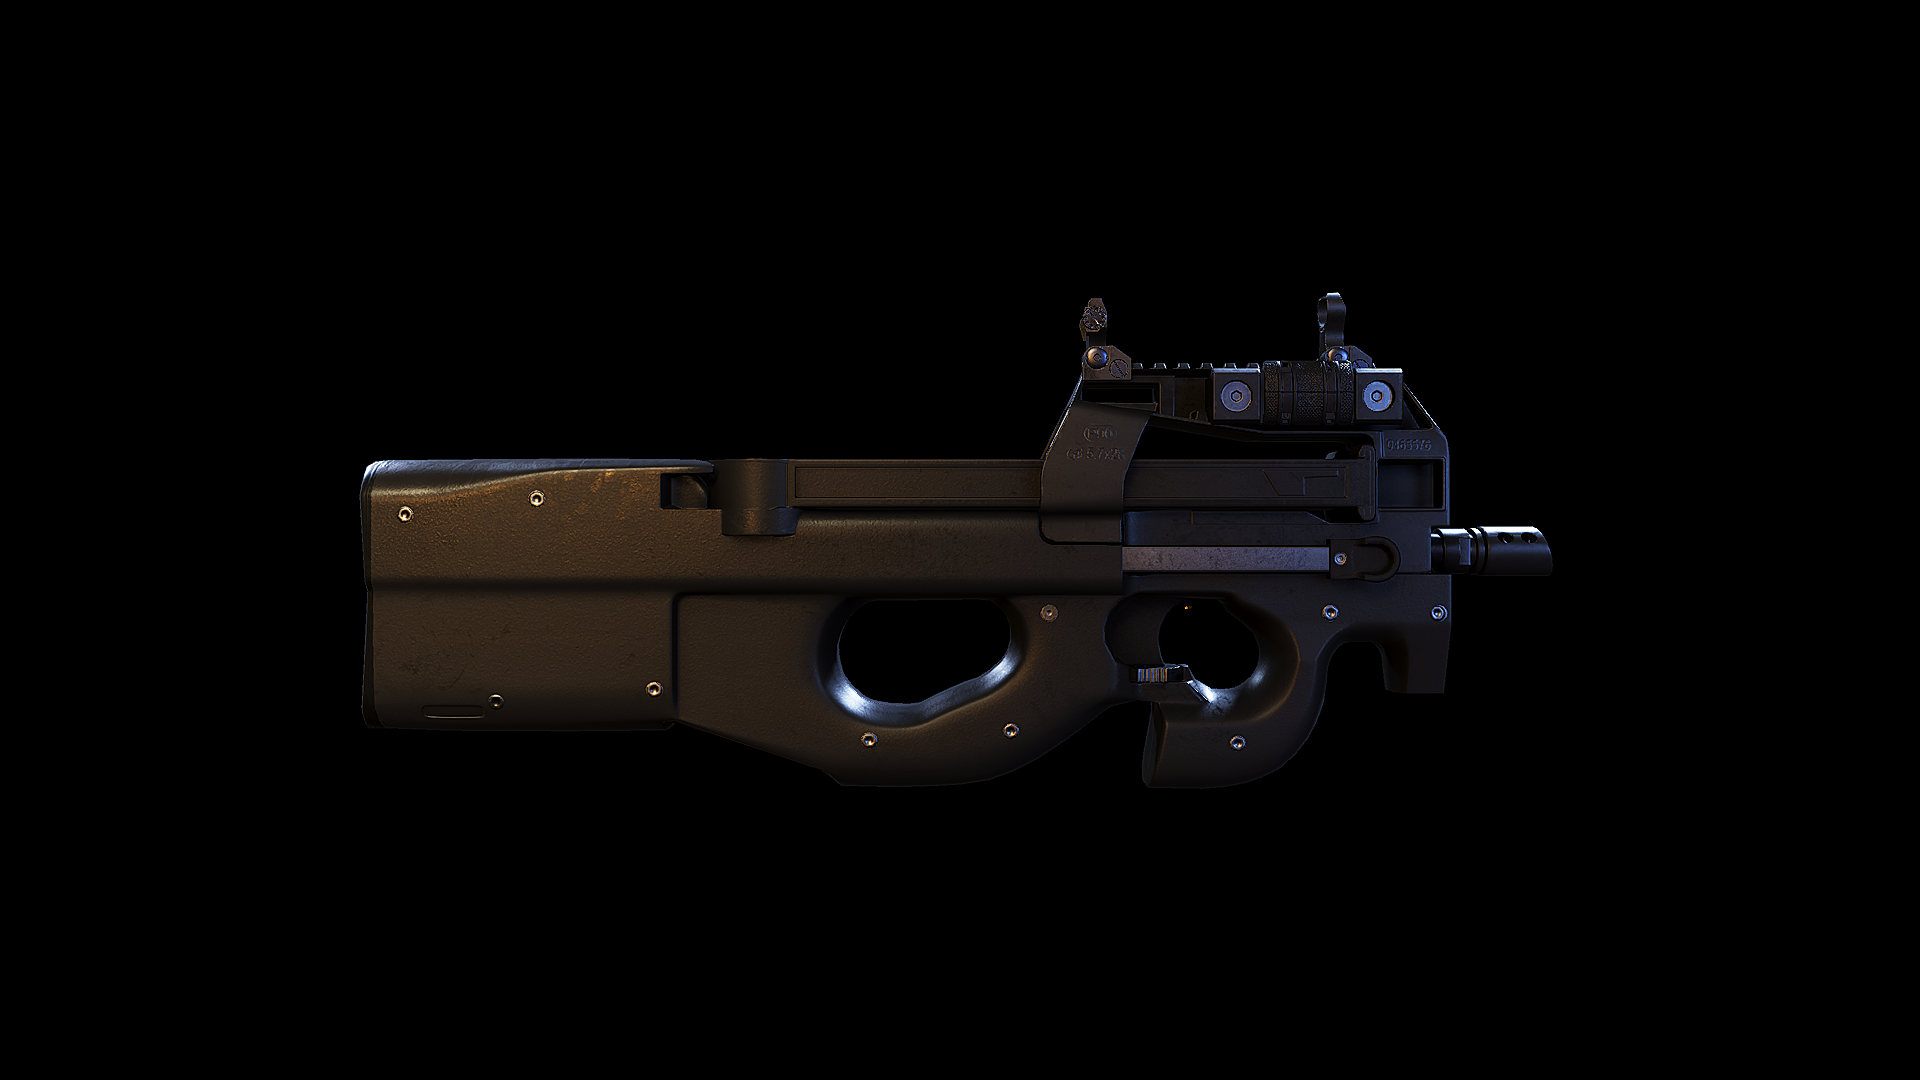 P90/Ghost Recon Wildlands